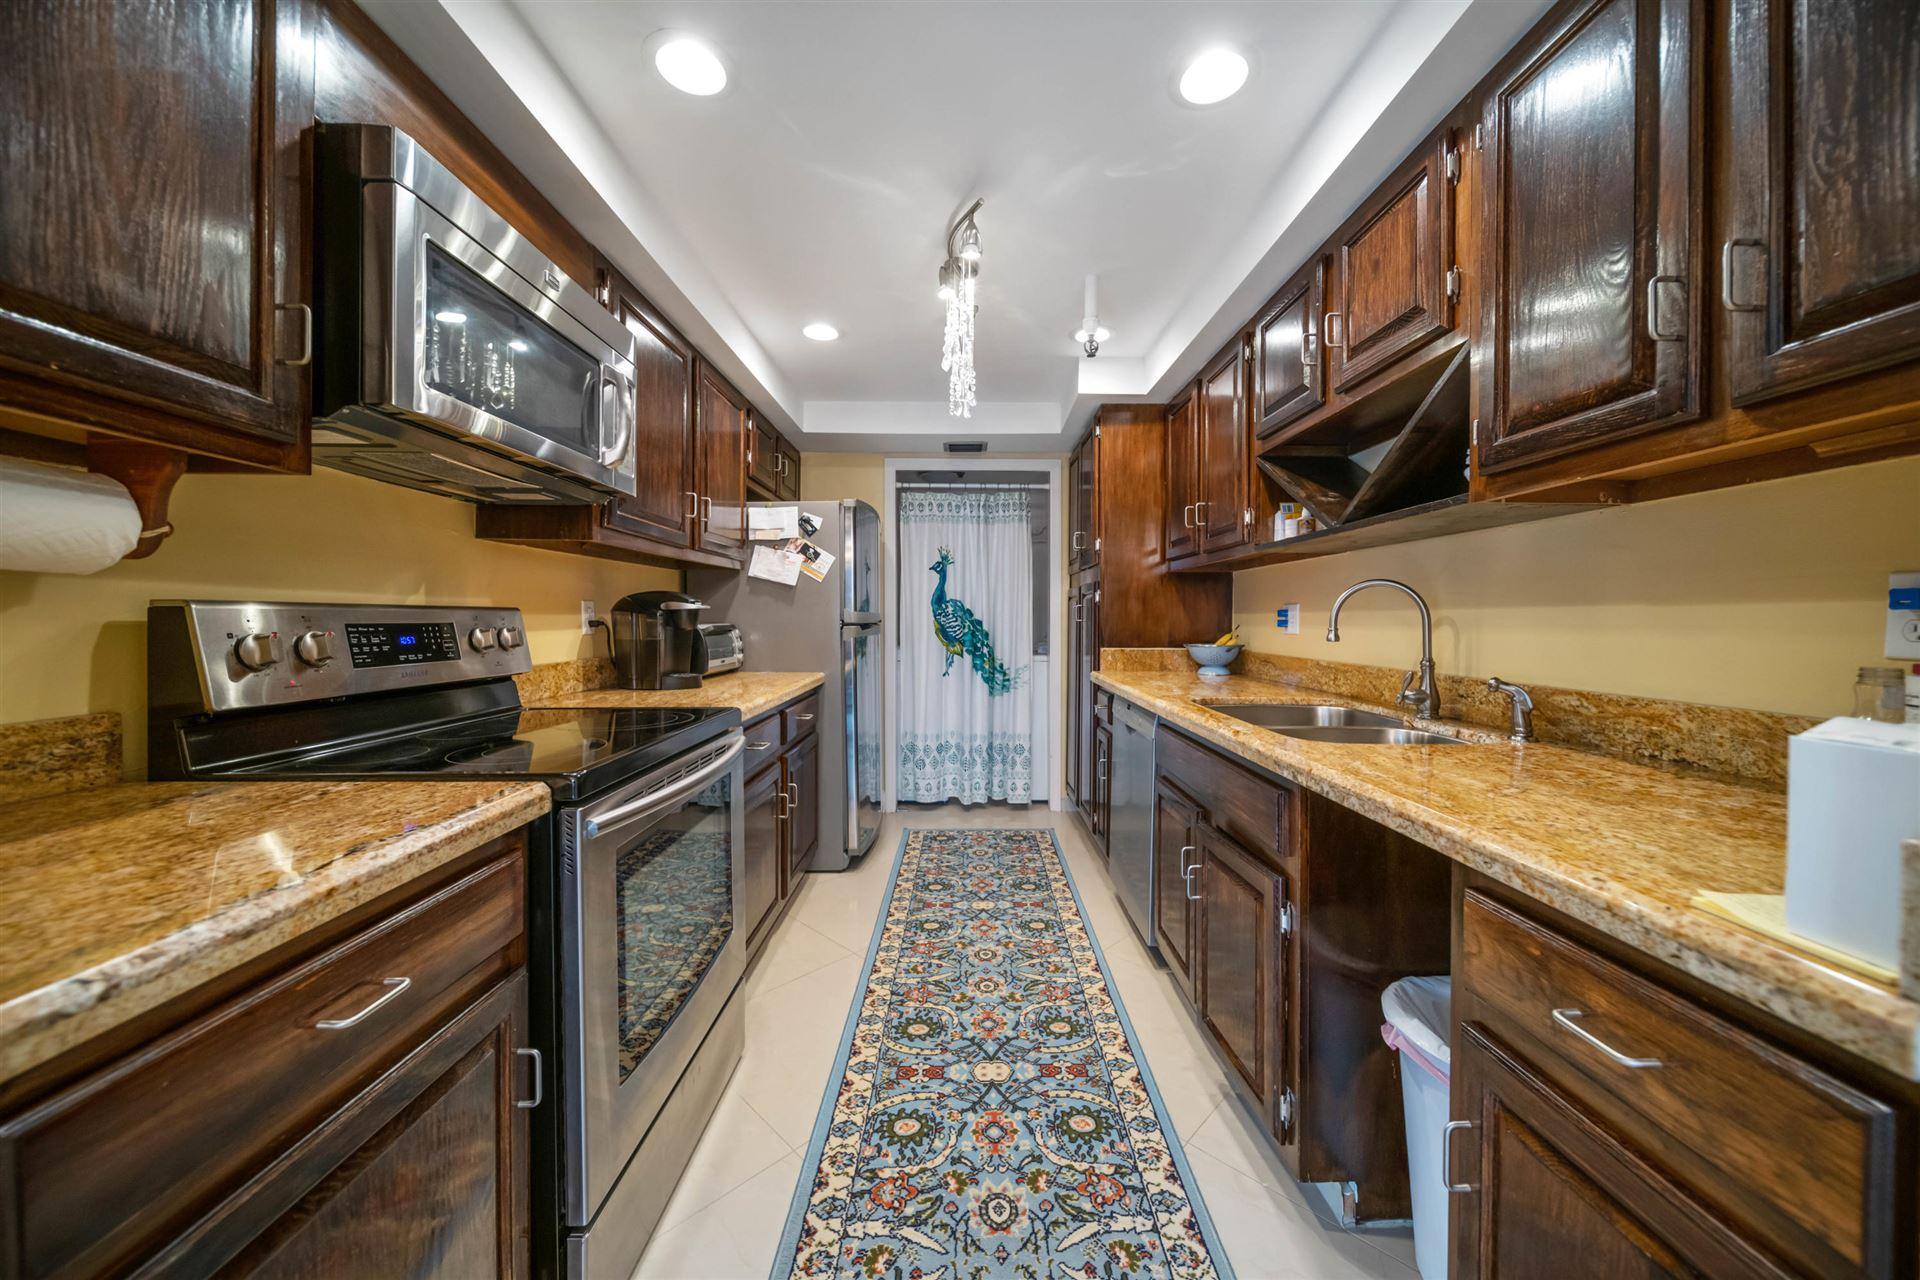 899 Jeffery Street #206, Boca Raton, FL 33487 - MLS#: RX-10685299